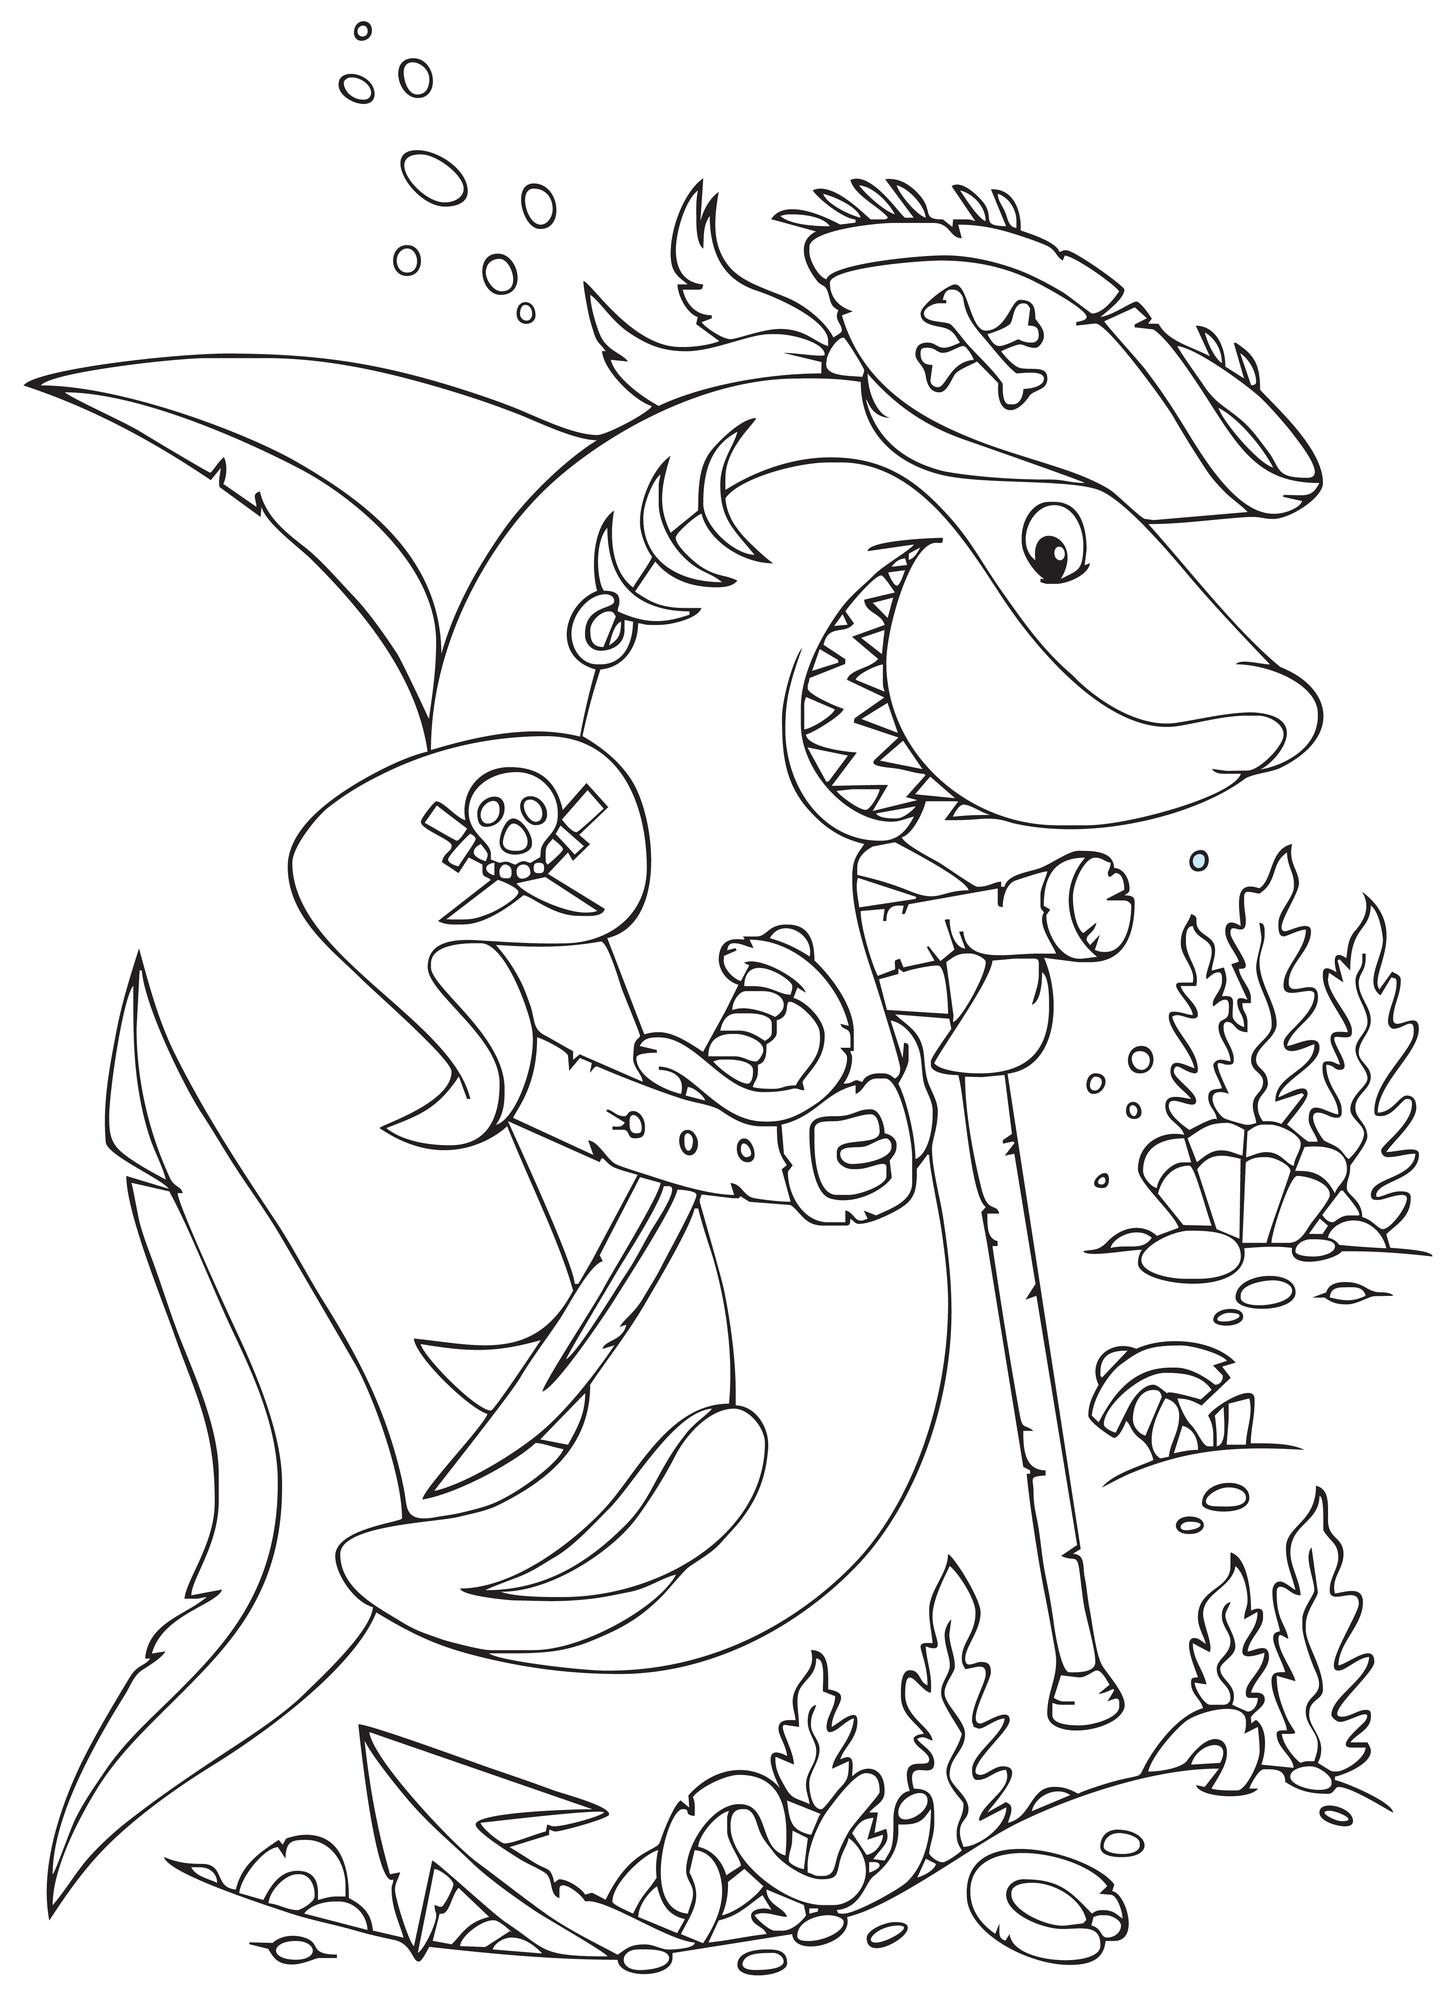 Coloriage À Imprimer : Le Requin Pirate concernant Coloriage De Pirates A Imprimer Gratuit